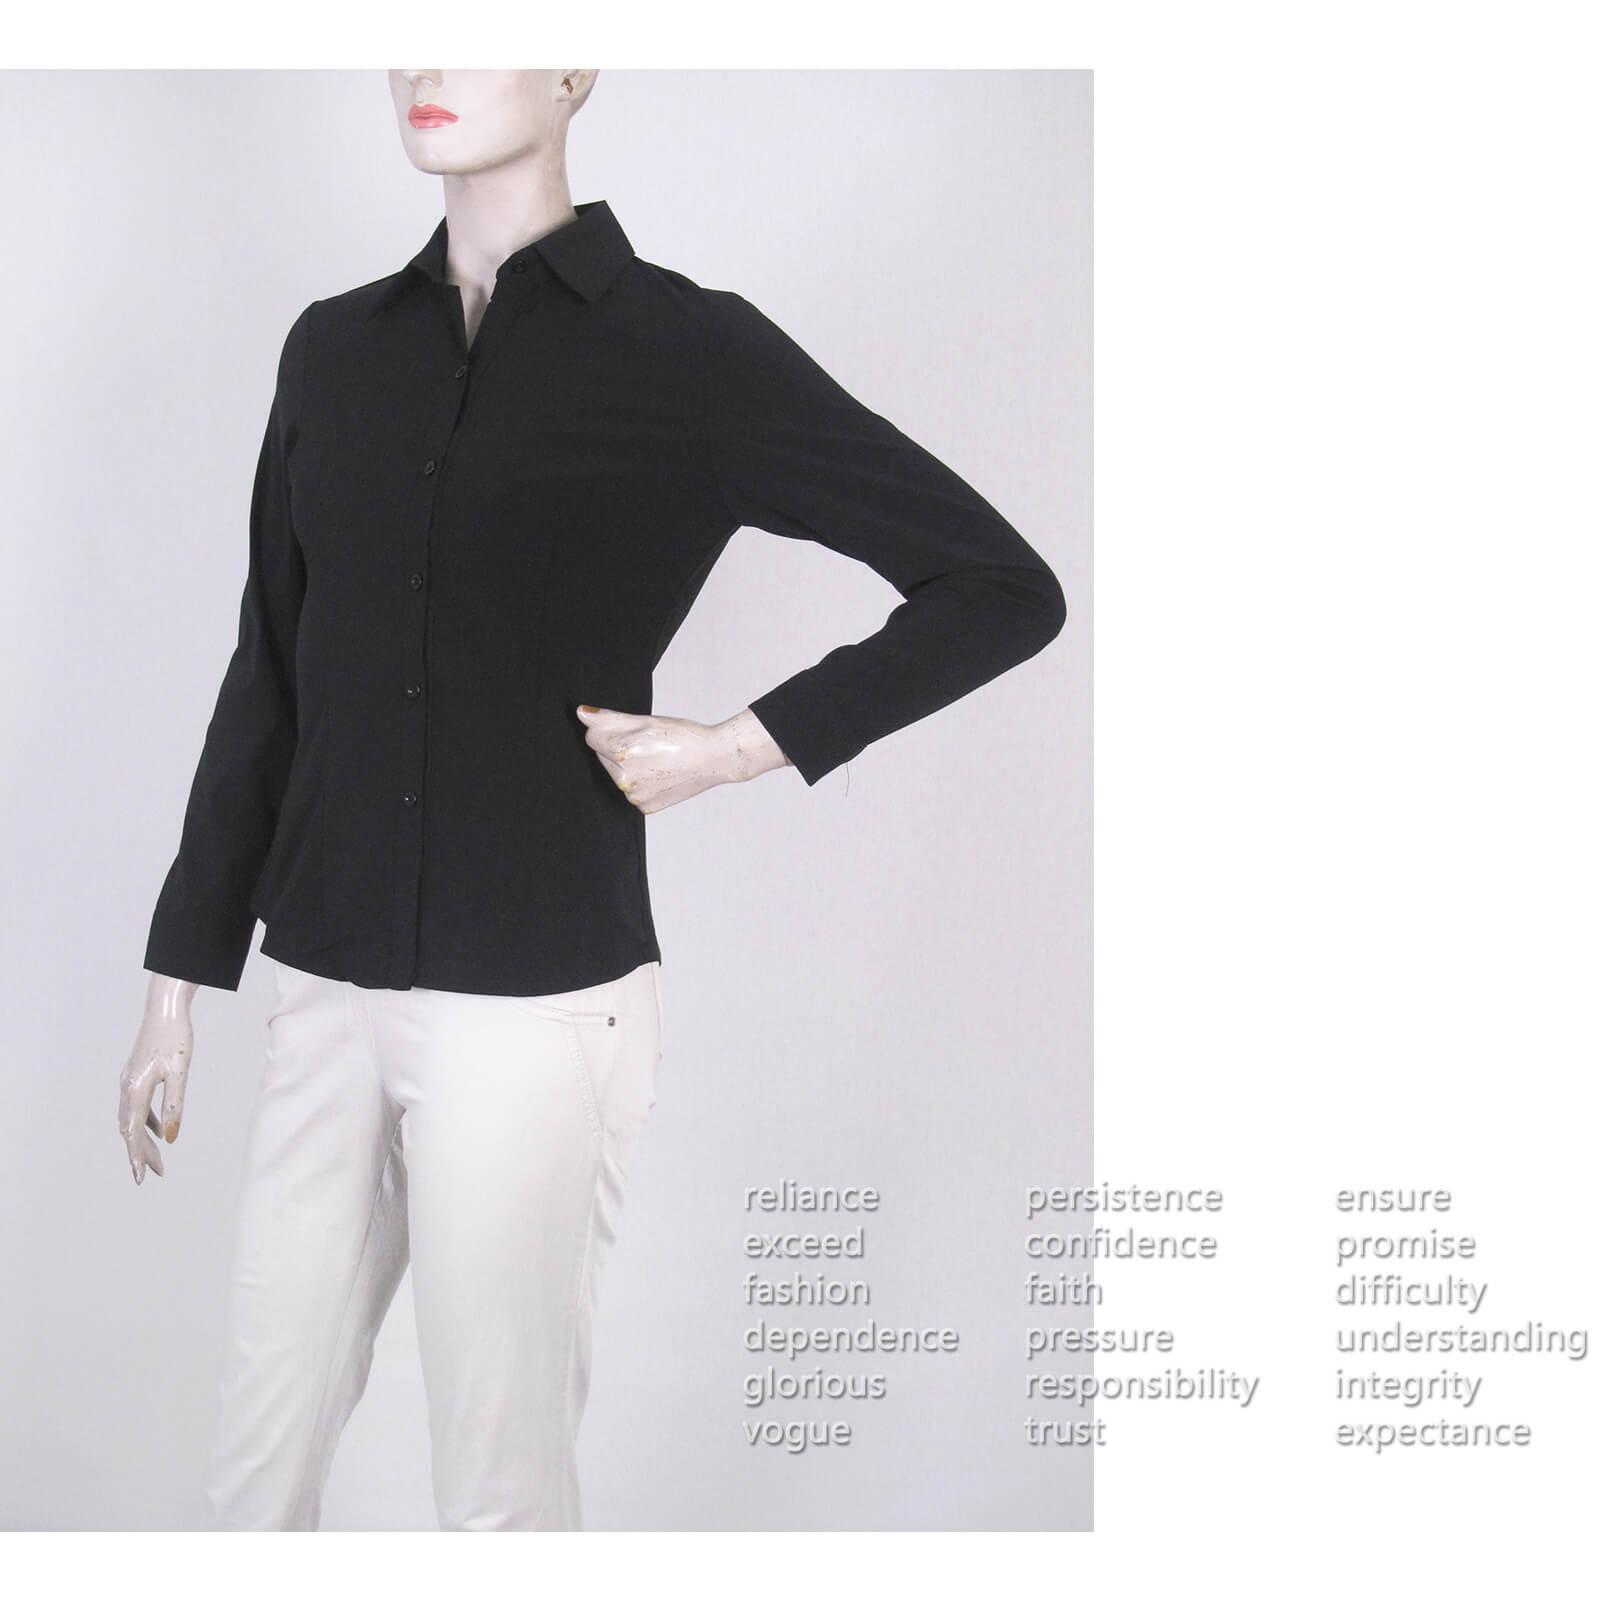 腰身剪裁淑女素面襯衫 修身長袖襯衫 合身顯瘦標準襯衫 正式襯衫 面試襯衫 上班族襯衫 商務襯衫 防曬襯衫 (333-A261-01)素面白色襯衫、(333-A261-21)素面黑色襯衫 胸圍32~50英吋 [實體店面保障] sun-e333 9